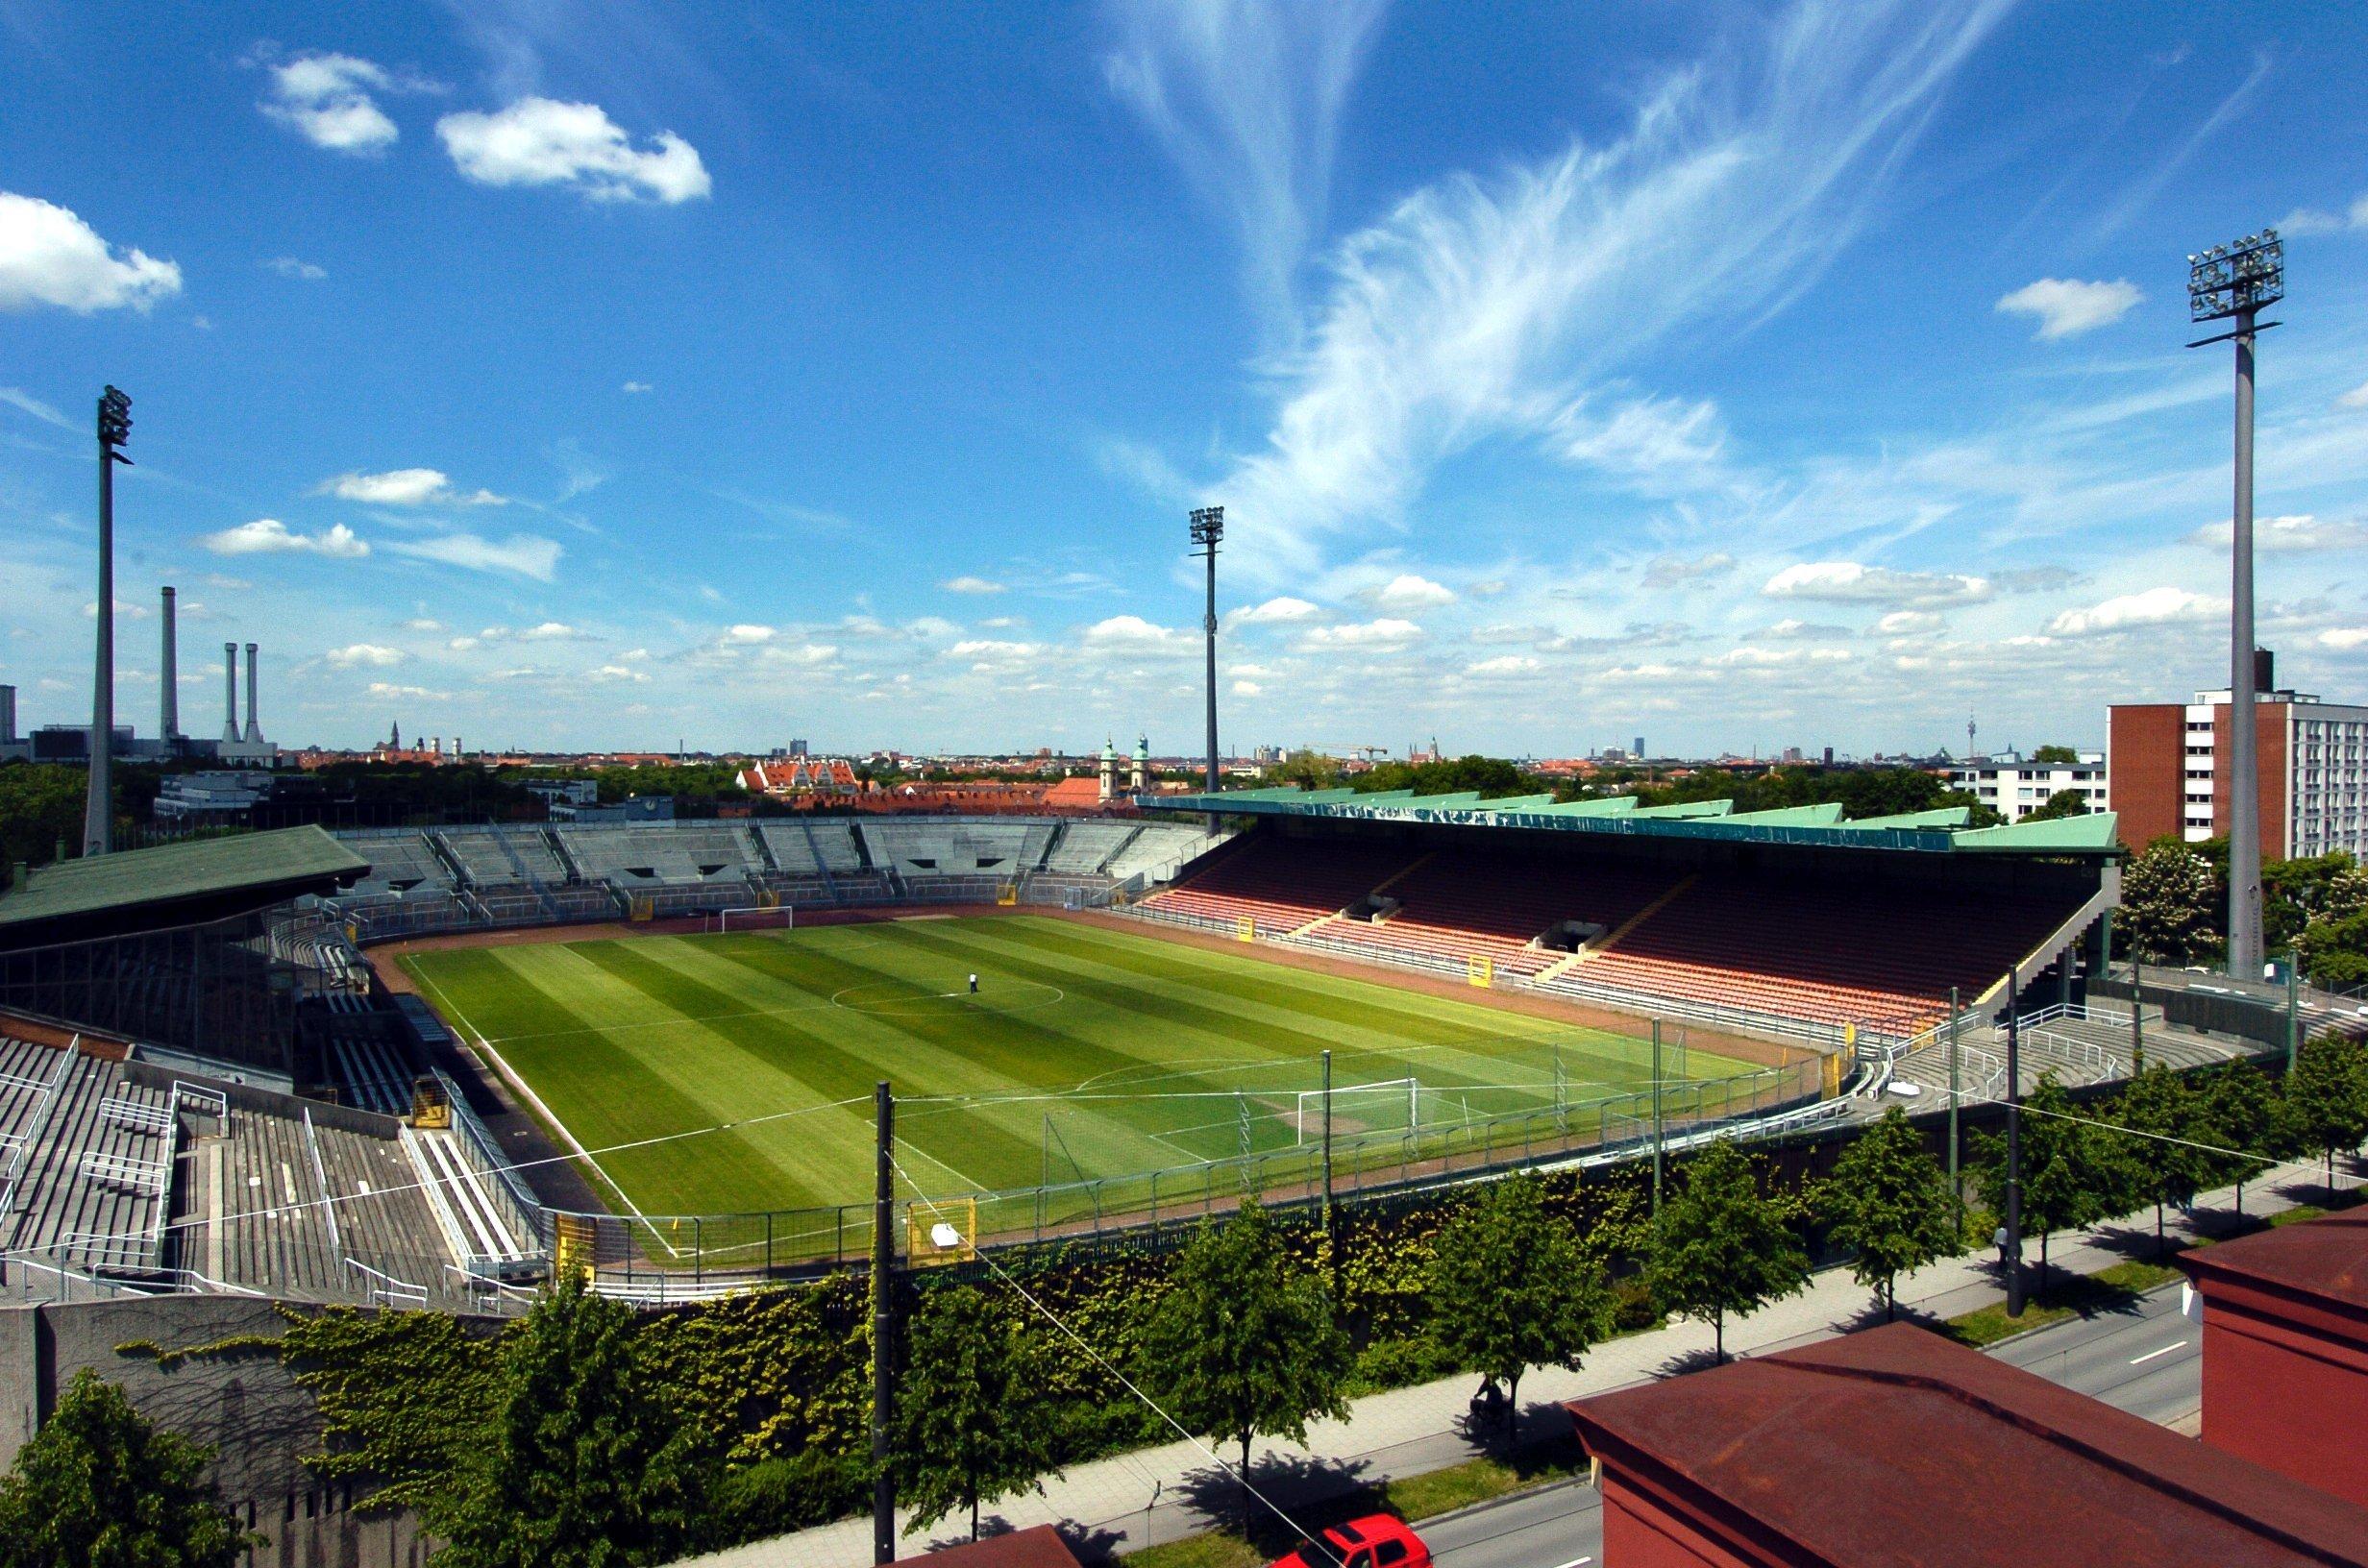 Die Dritte Liga soll nun doch fortgesetzt werden. So oder so, die Stadien wie das Grünwalder Stadion, bleiben leer. Denn der Neustart geschieht, wenn dann, in Form von Geisterspielen.